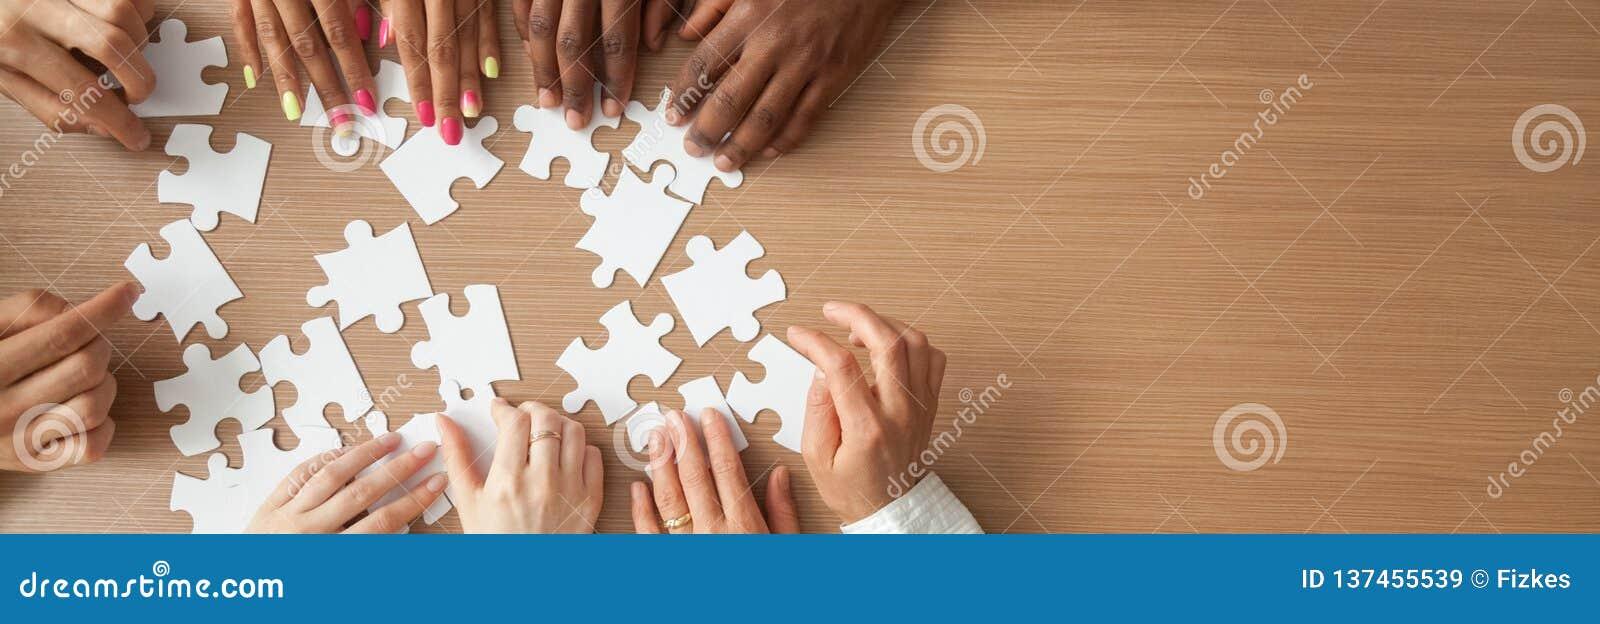 Boven panoramahanden van diverse mensen die puzzel assembleren